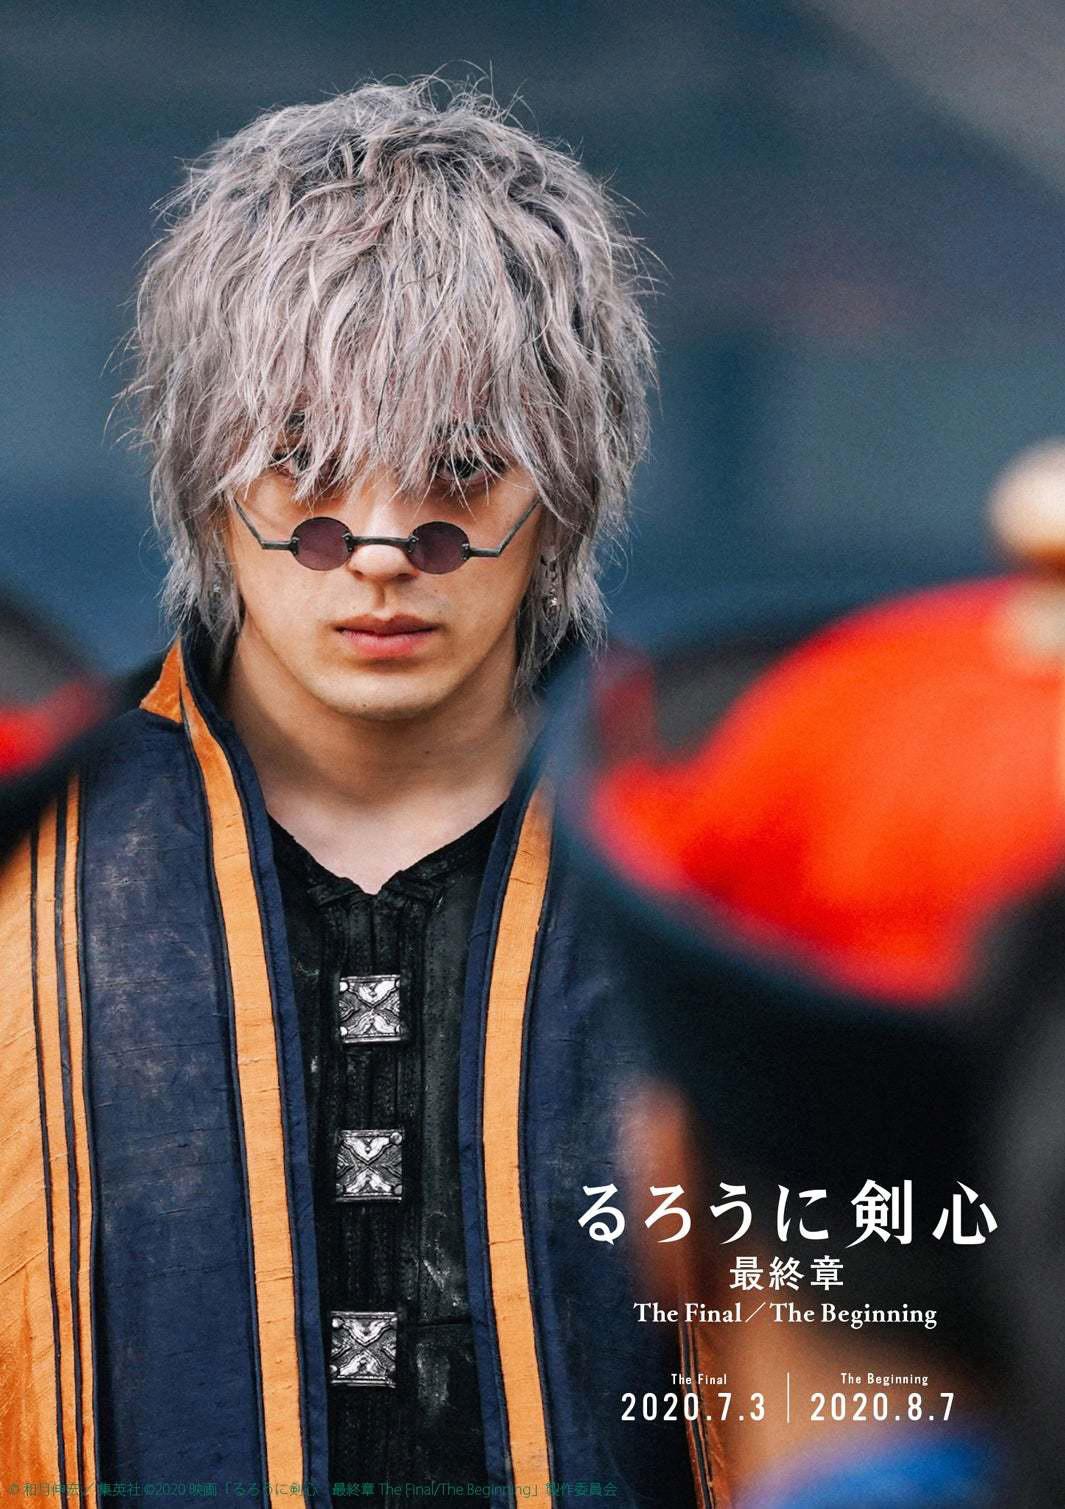 Mackenyu vai interpretar Enishi Yukishiro